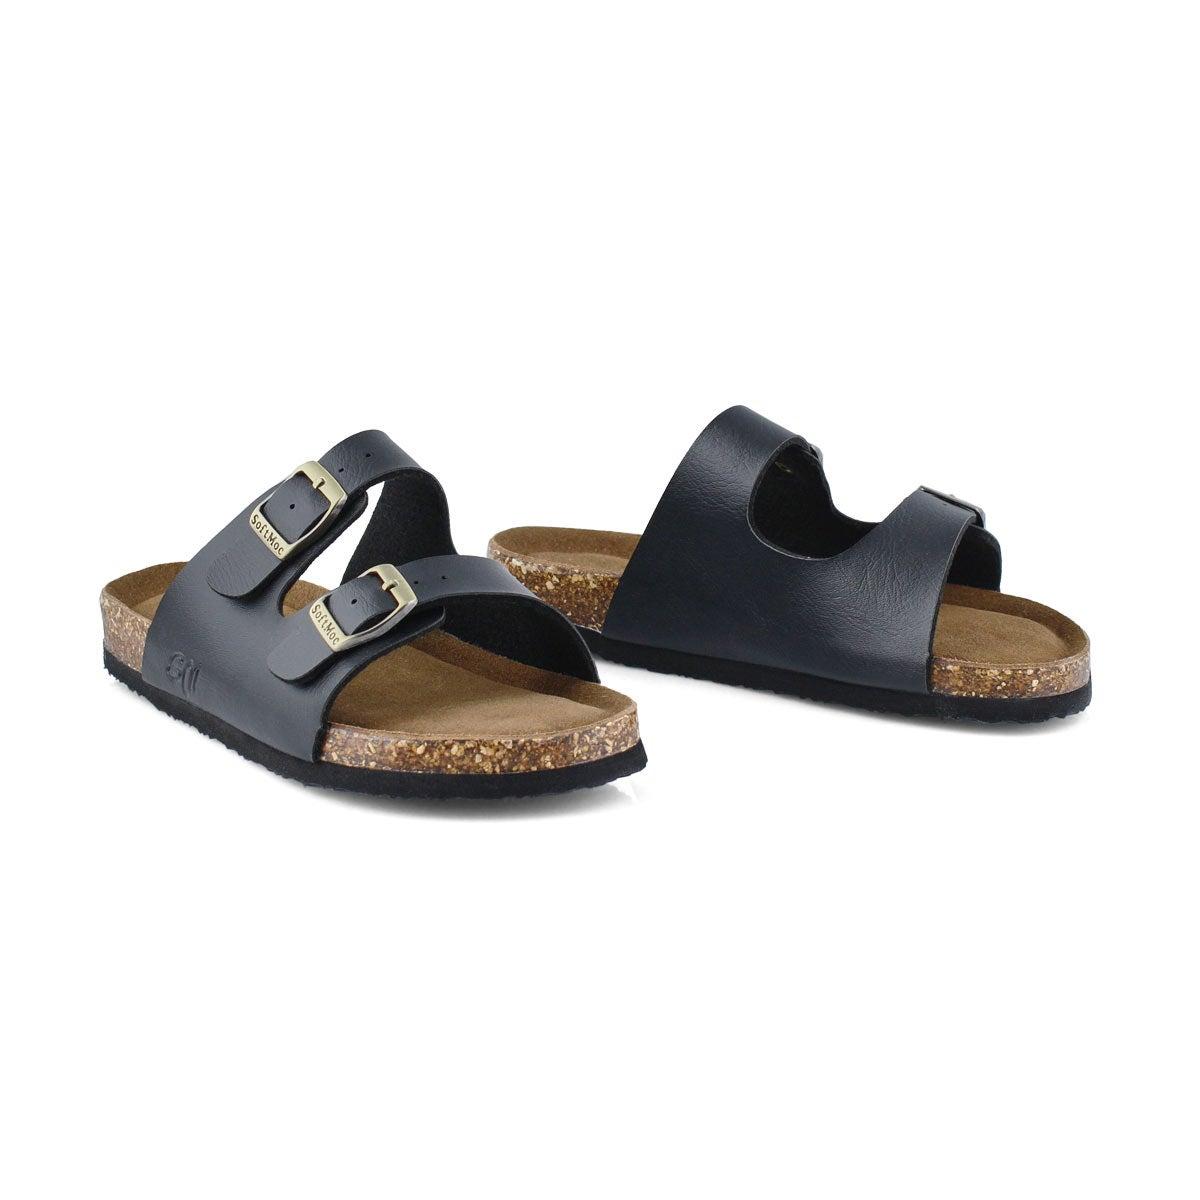 Kds Alberta 6 blk memory foam sandal